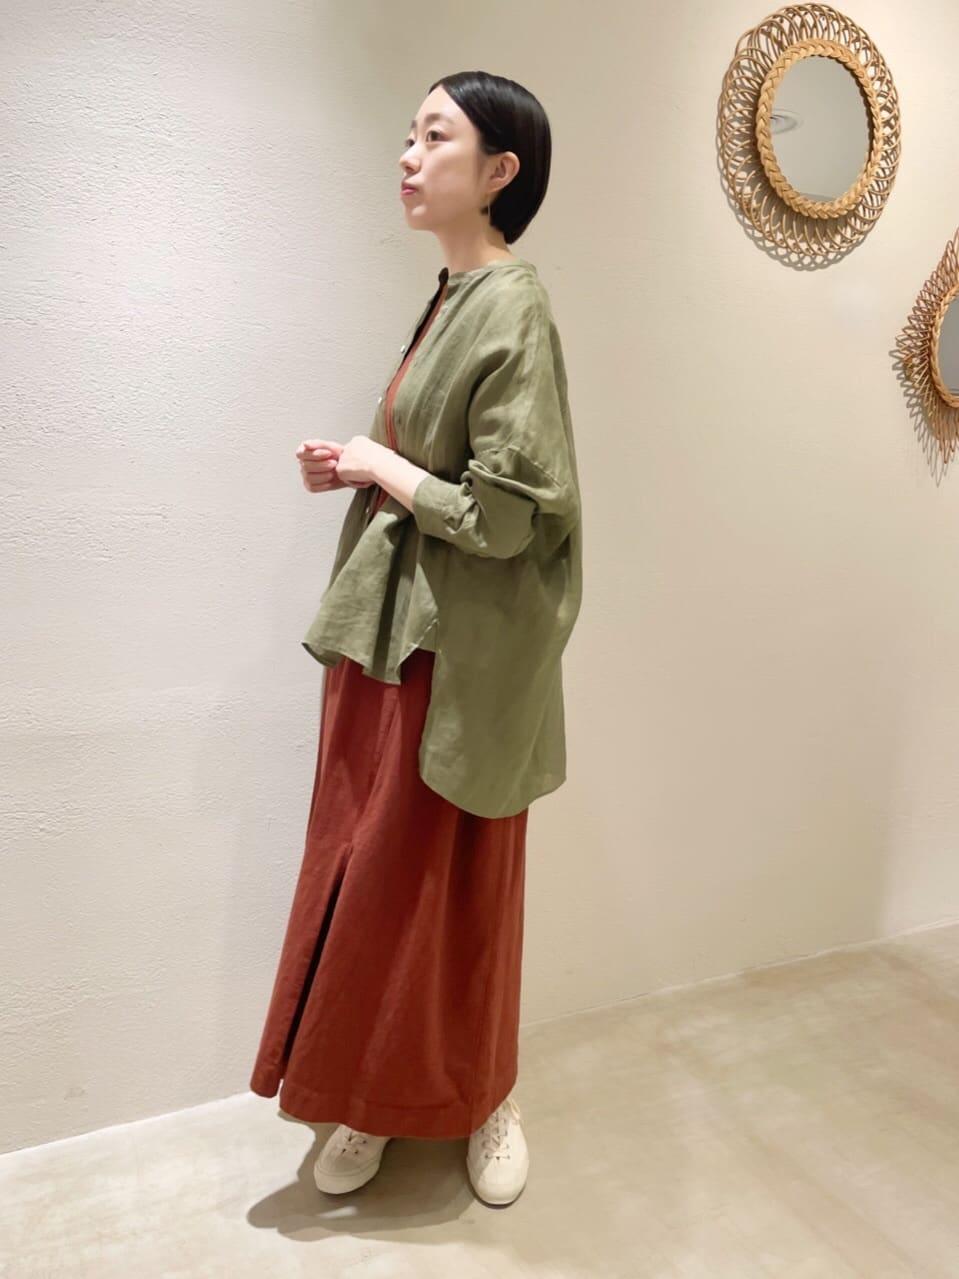 yuni ニュウマン横浜 身長:166cm 2021.08.26